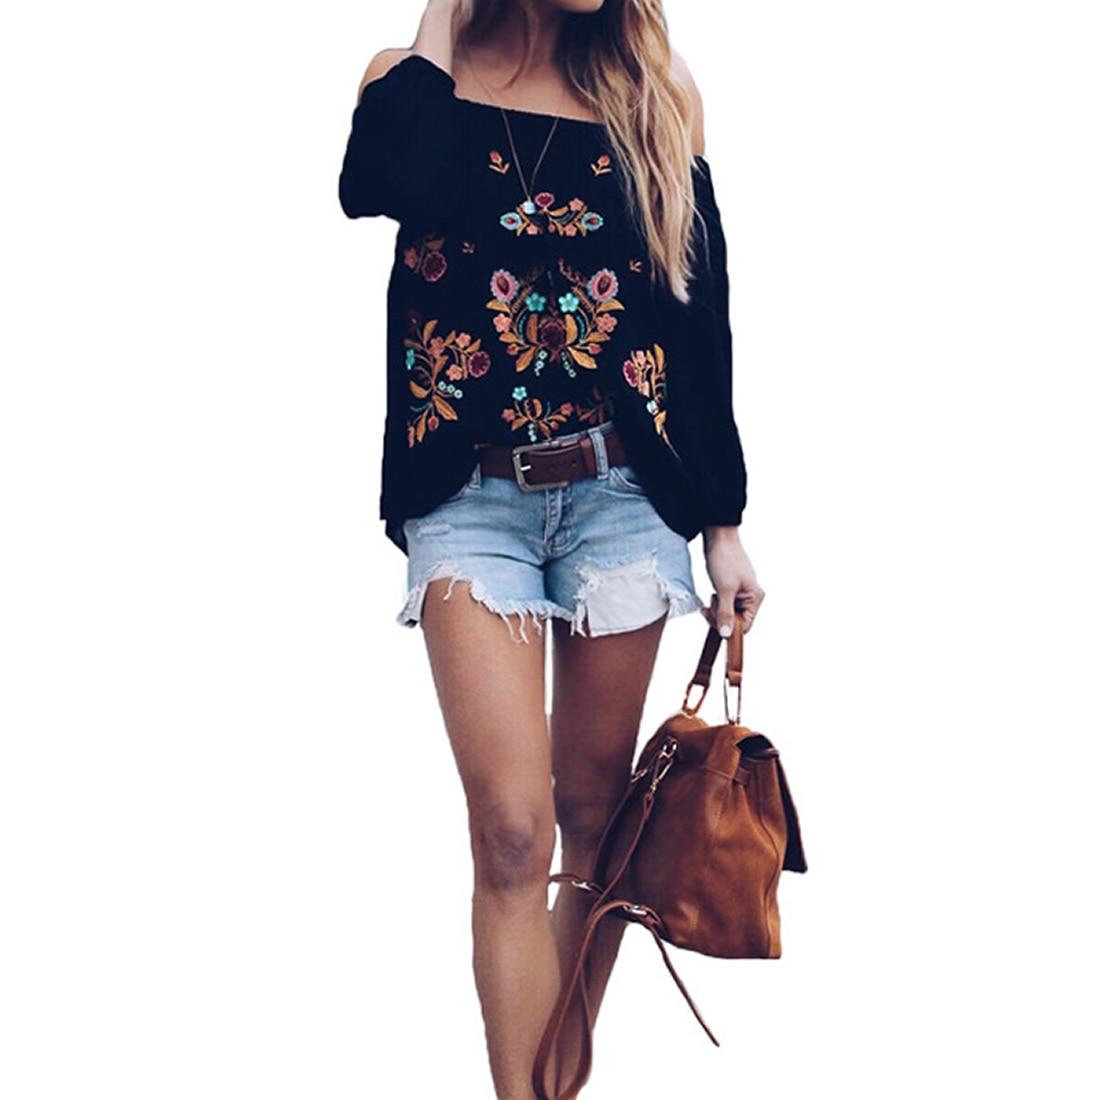 2018 Vintage Sexy Backless Strapless Off Shoulder Floral Print Embroider Blouse Black Backless Slash Neck Women Blouses Shirts